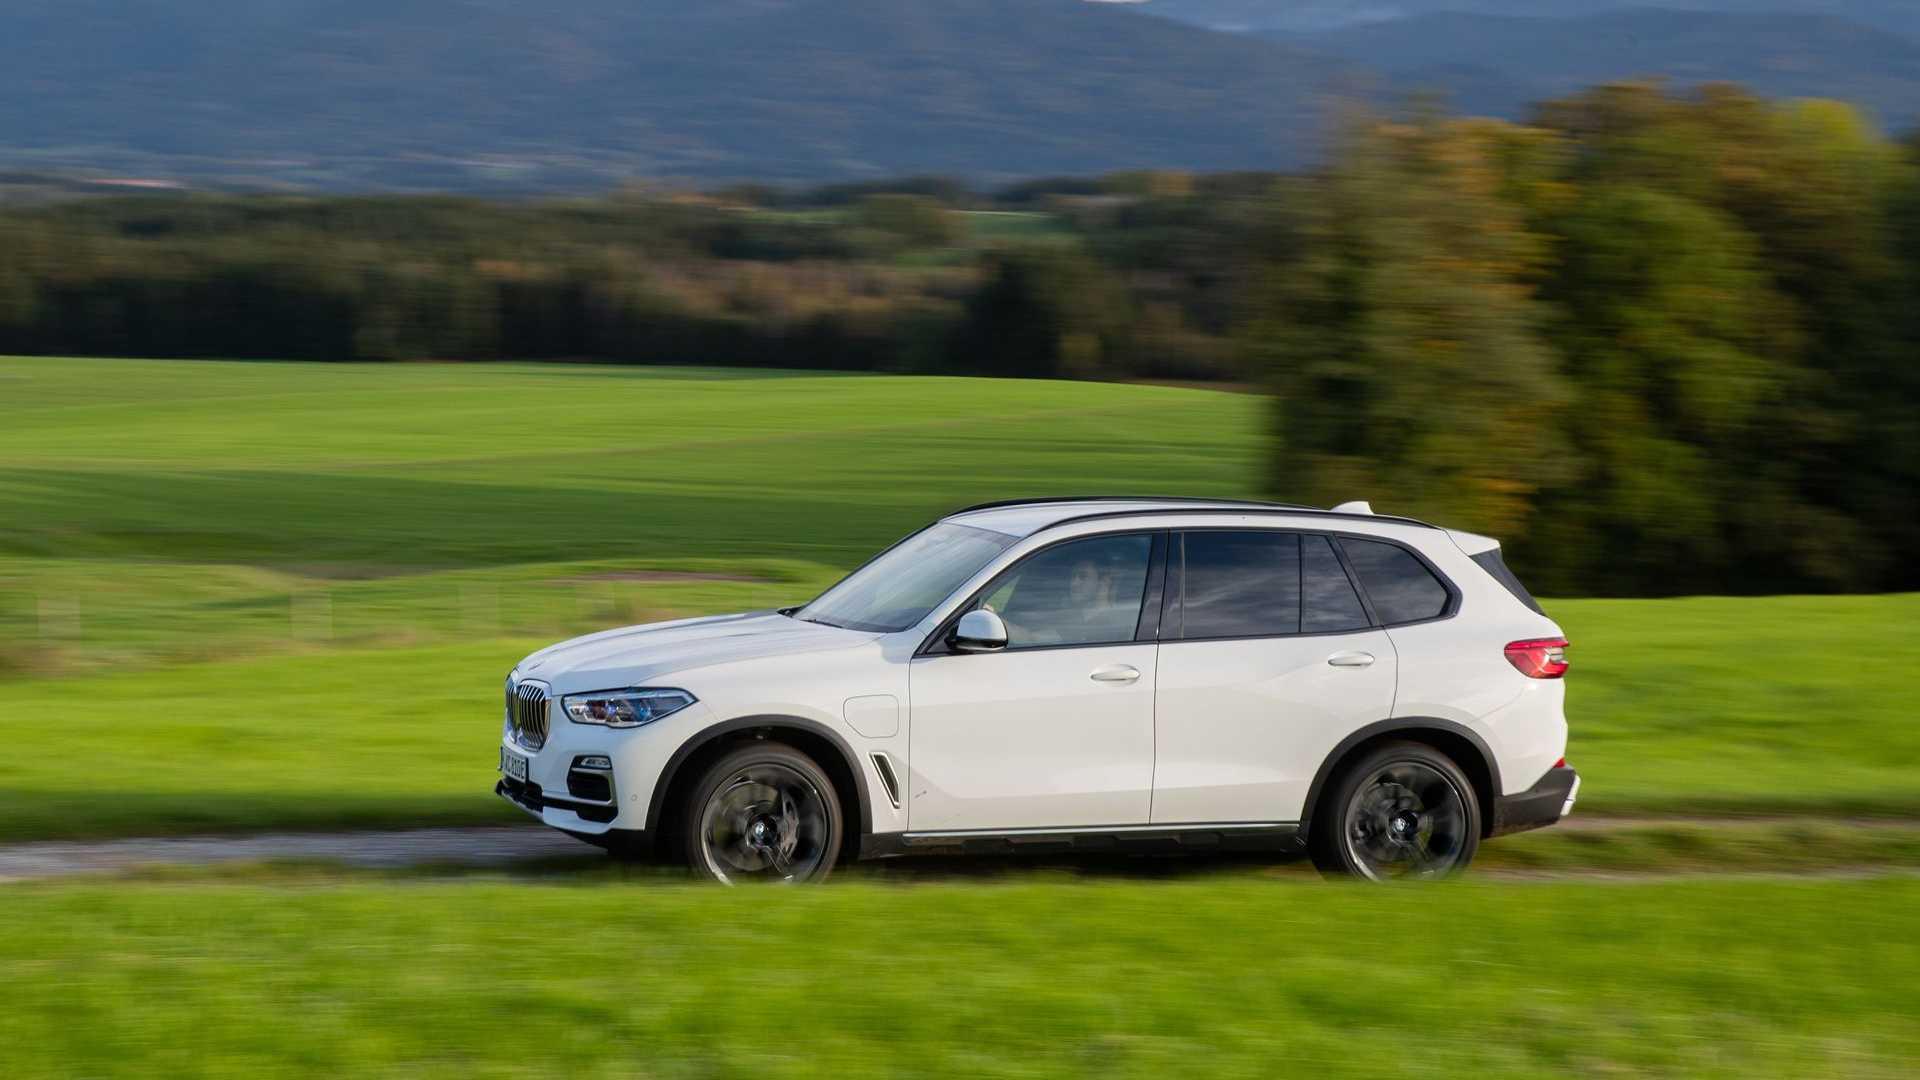 BMW Group раскрывает свои позиции на рынке подключаемых электромобилей: апрель 2020 г.